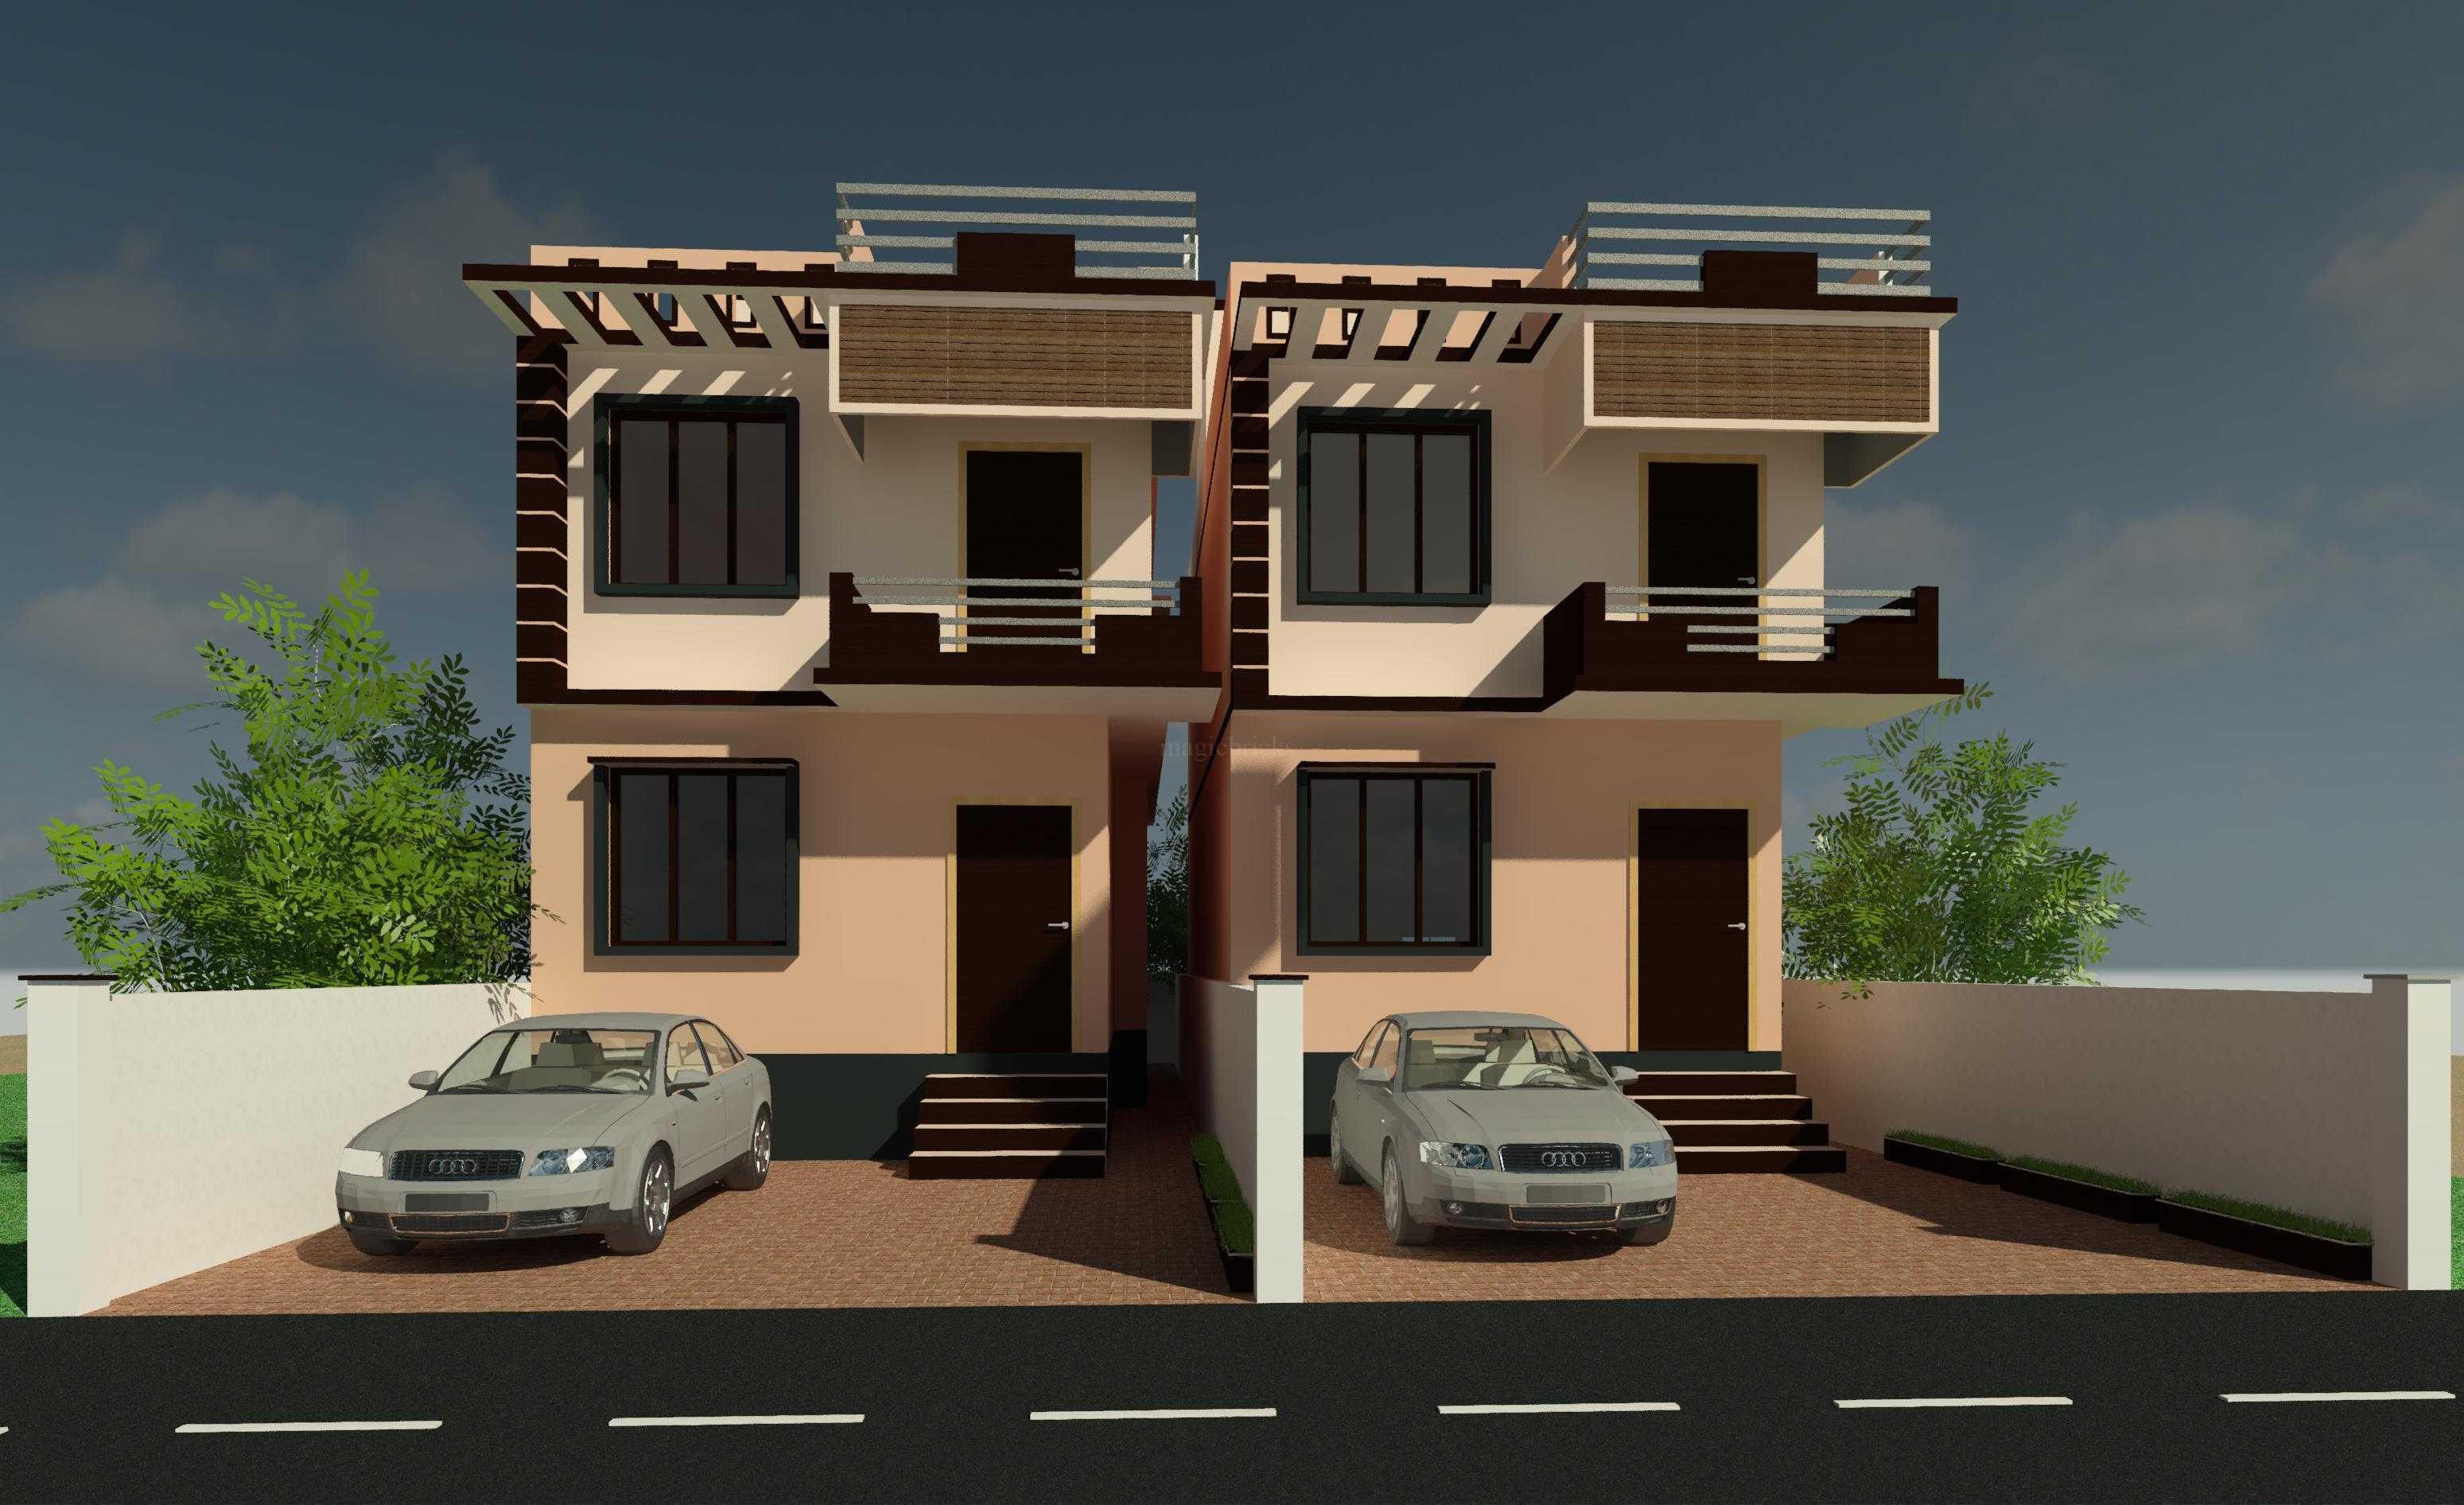 1560588901_banner_Vengaivasal1.jpg